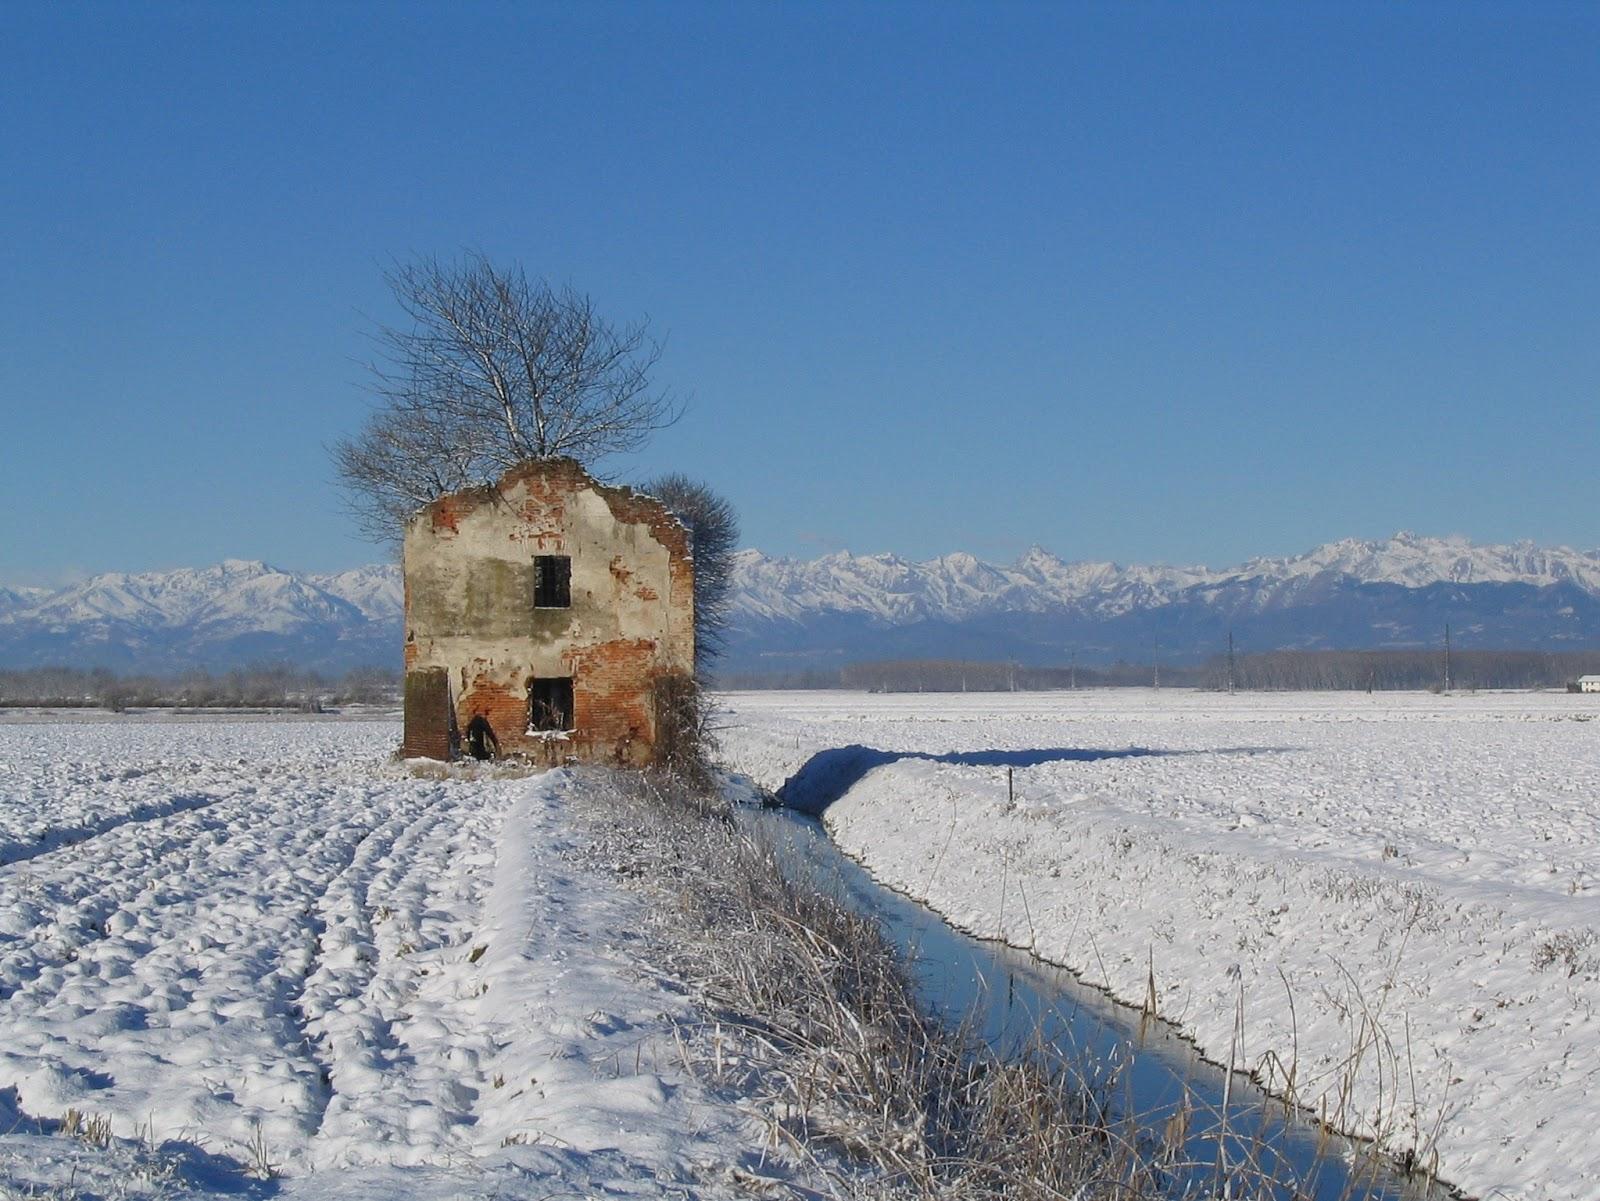 Il piacere di vagabondare la casa dell 39 albero una for Vieni da me di chi era la casa misteriosa